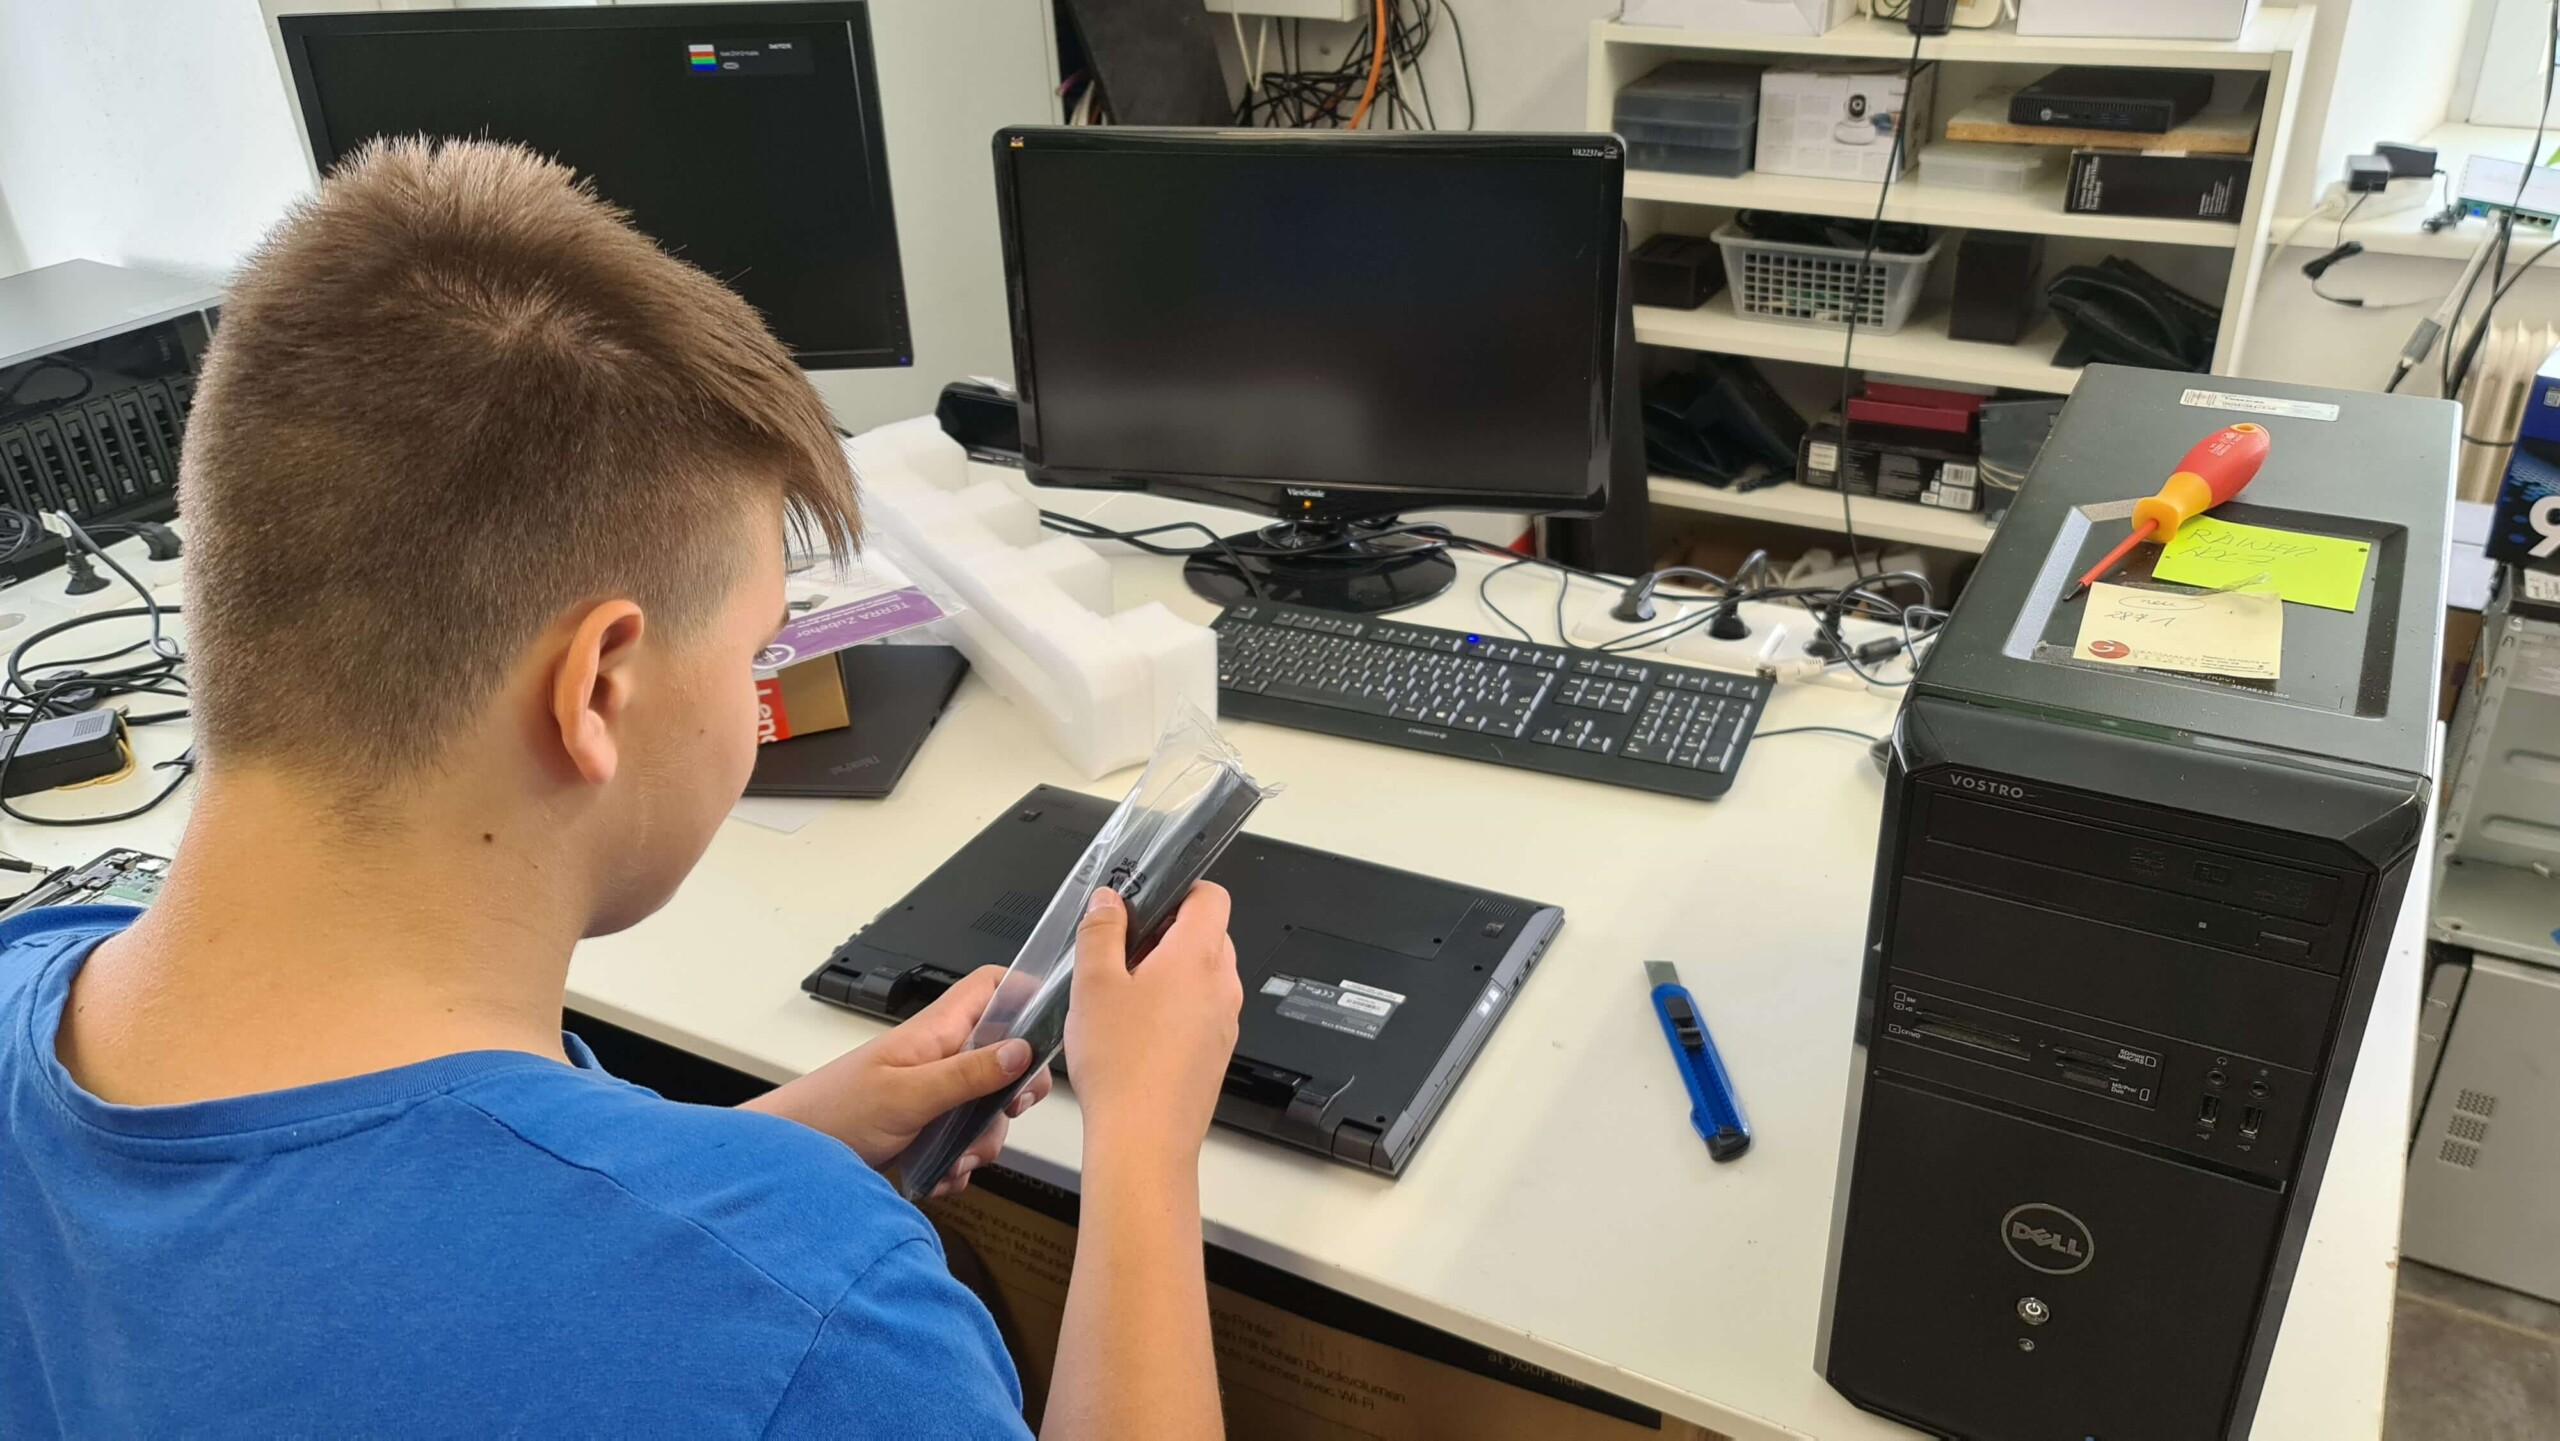 Der angehende IT Experte Viktor bei der Arbeit © creativomedia GmbH